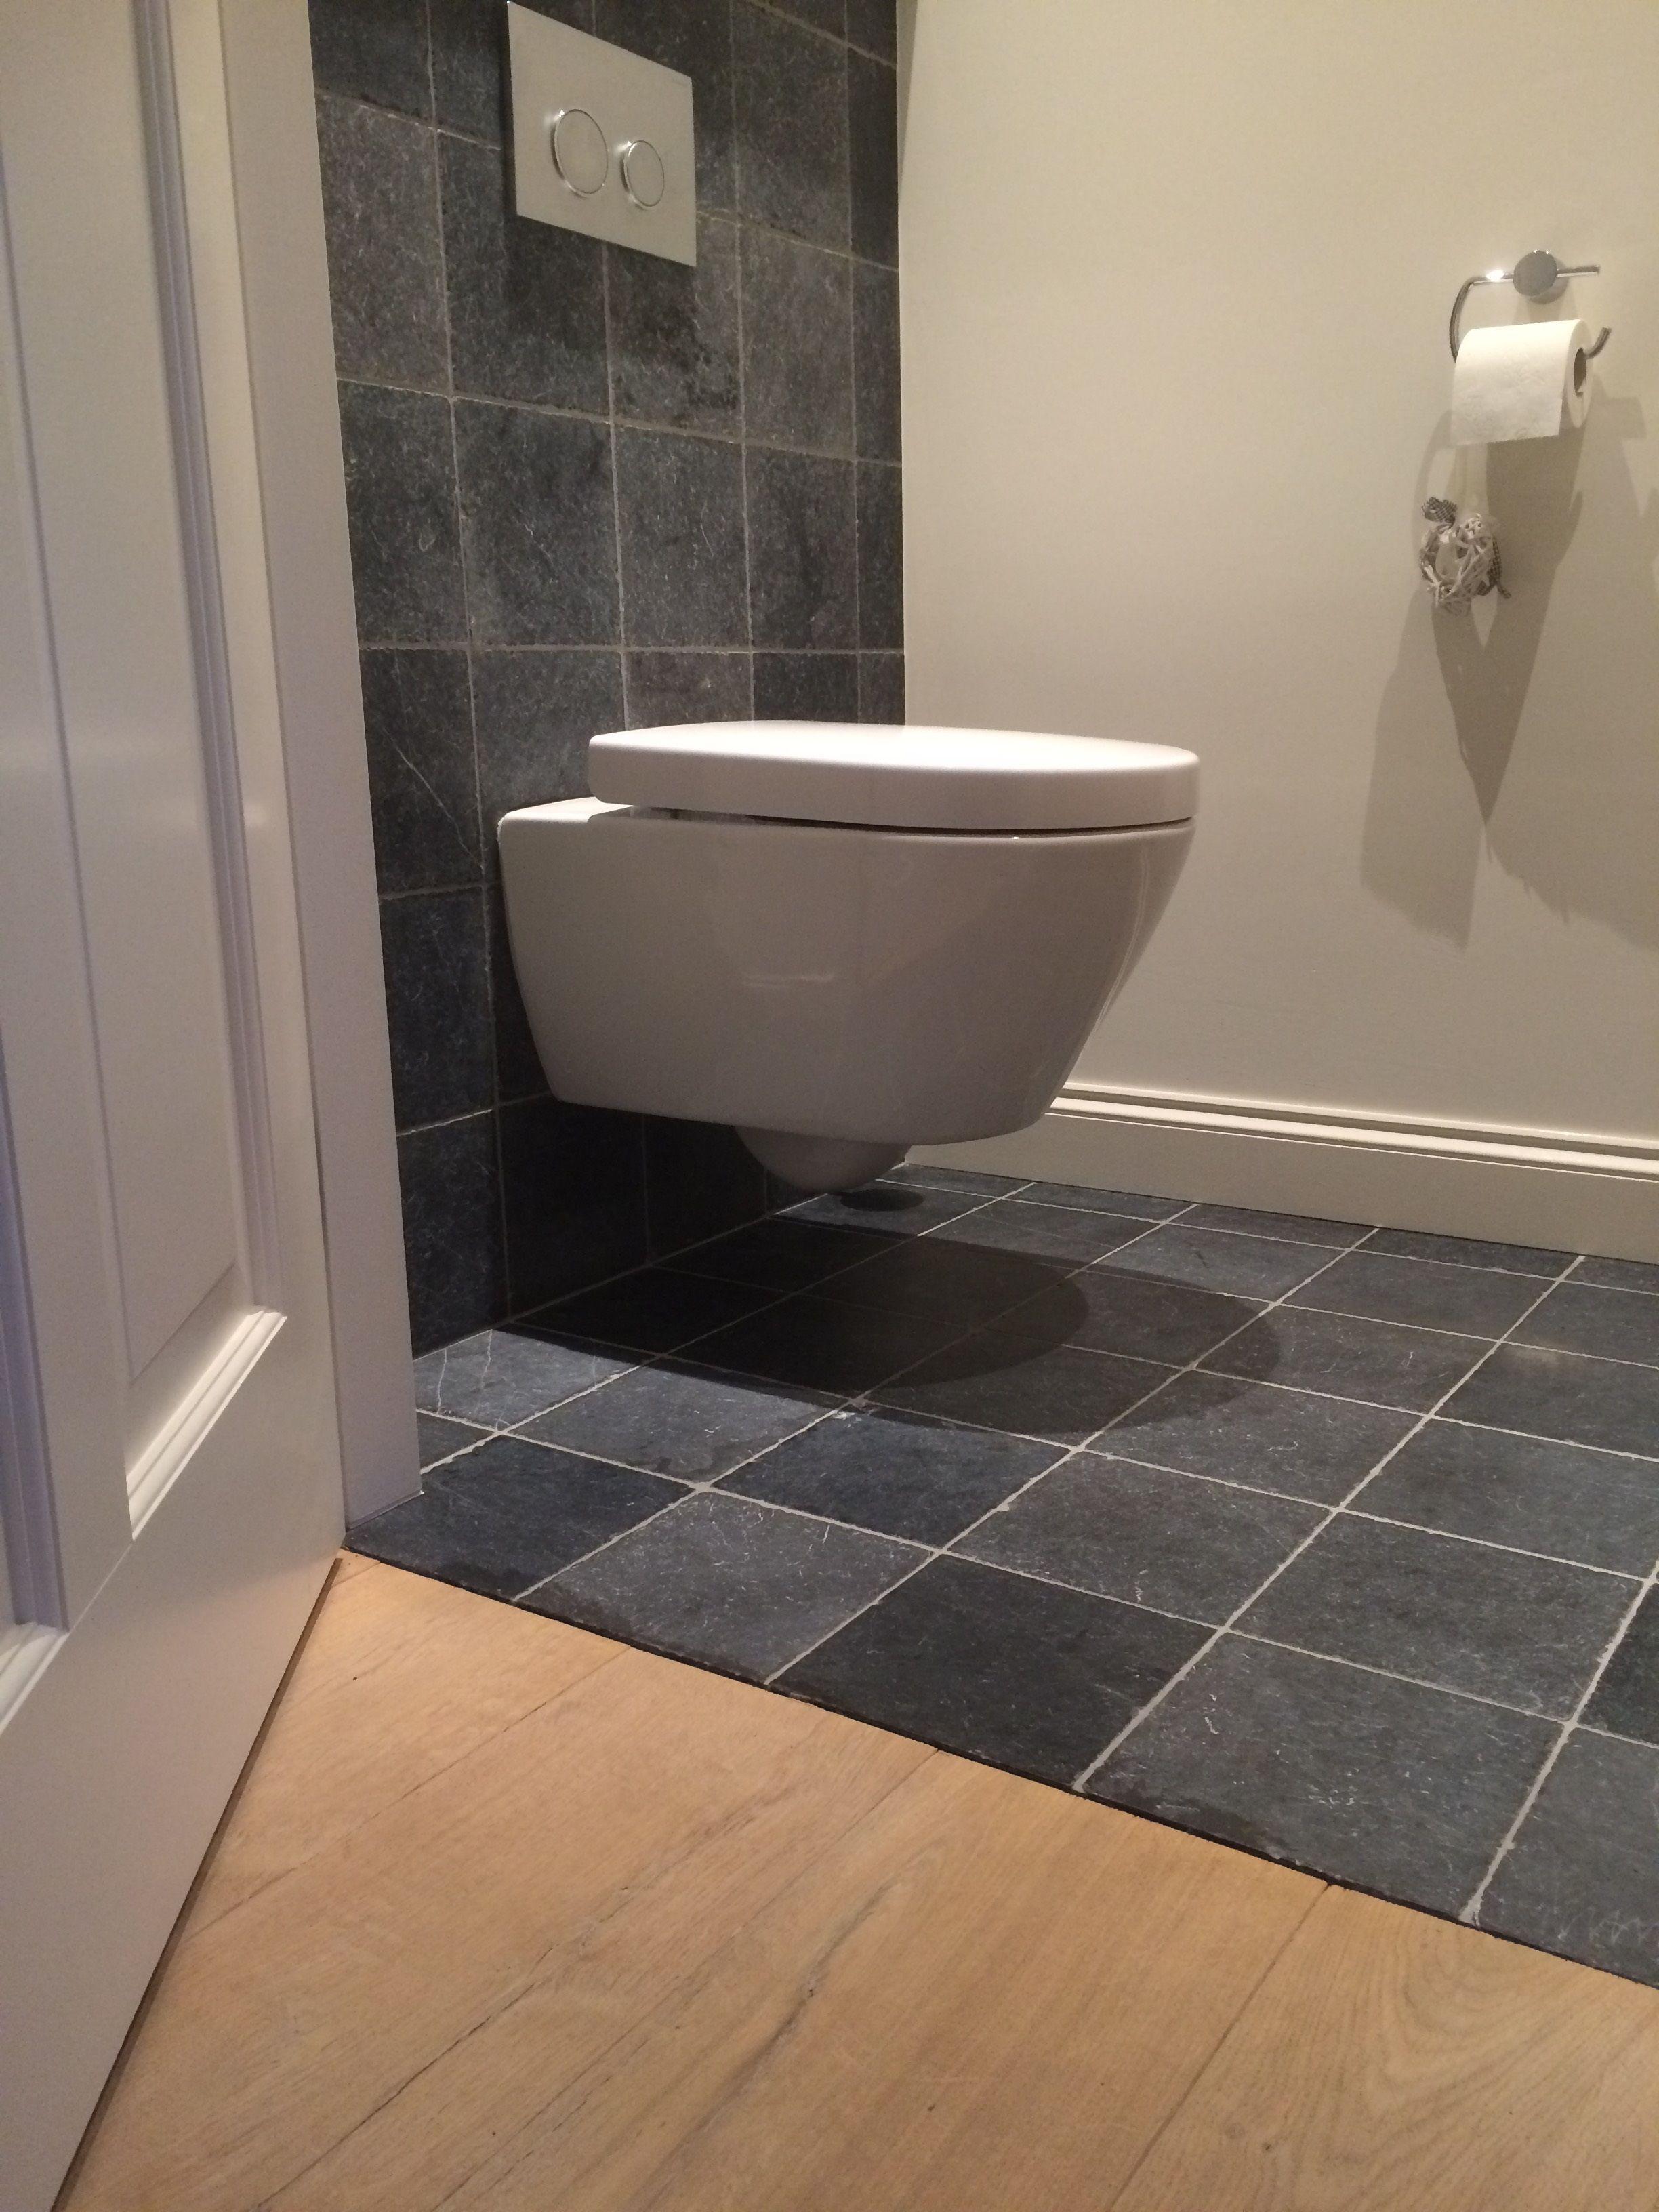 Tegels Badkamer Prijzen.Toilet Met Vietnamese Hardsteen Vloer En Wandtegels 20x20